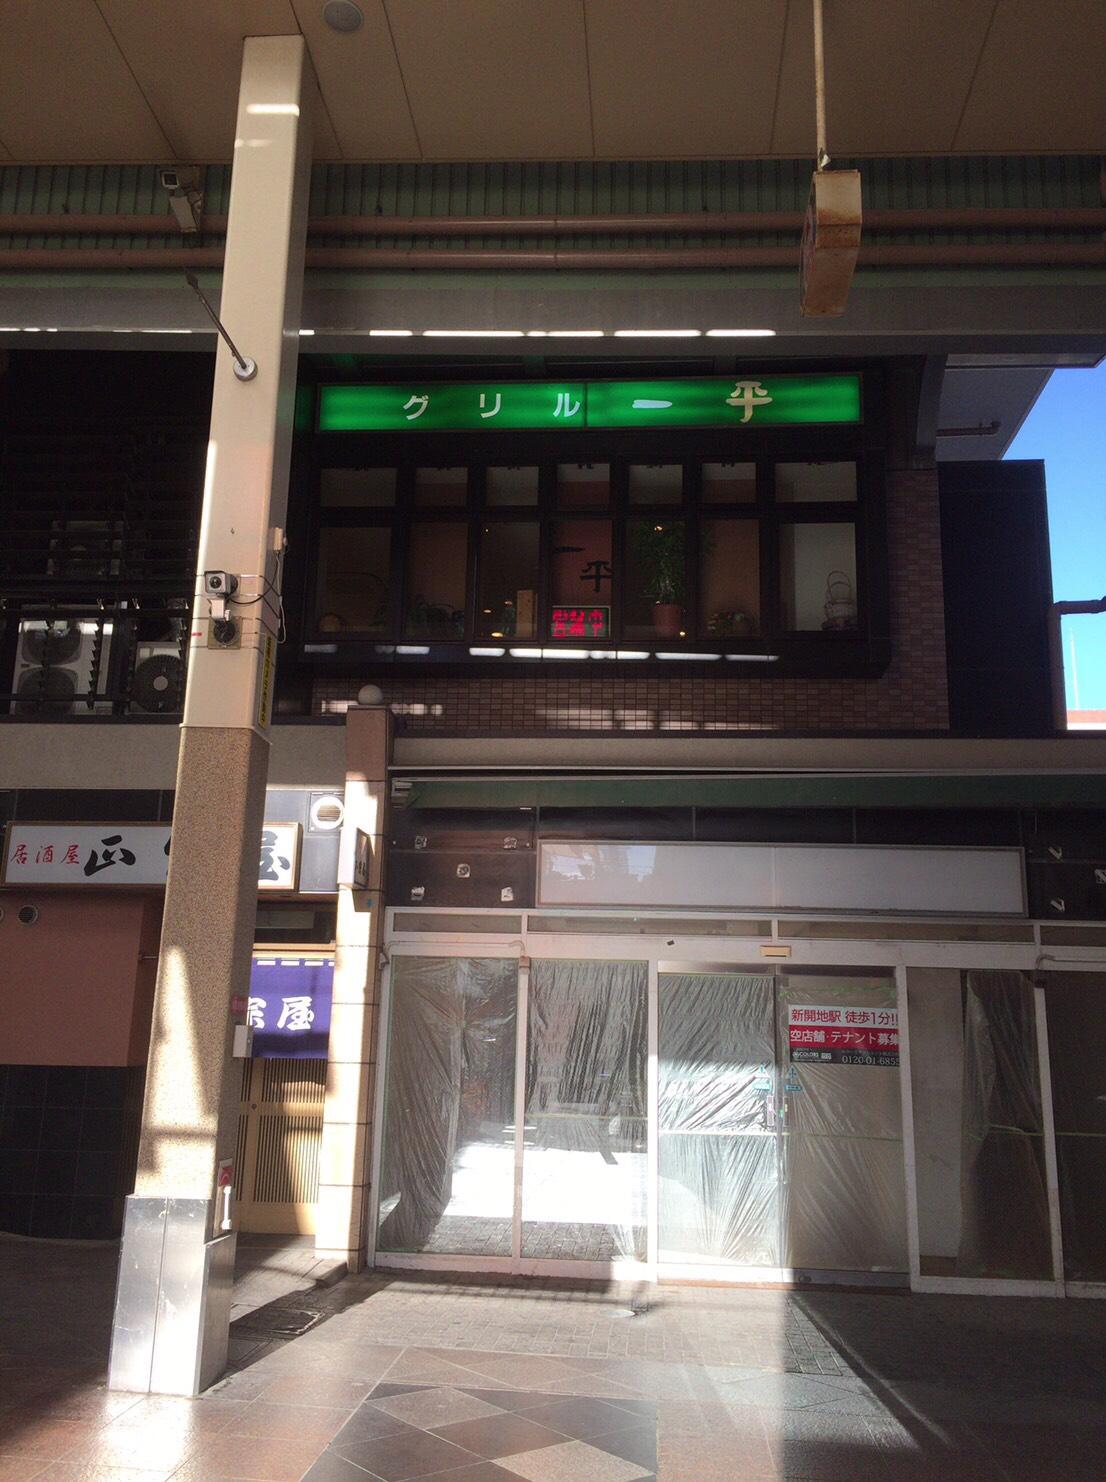 芸能人御用達!福原の人気店老舗洋食店 兵庫区新開地「グリル一平」